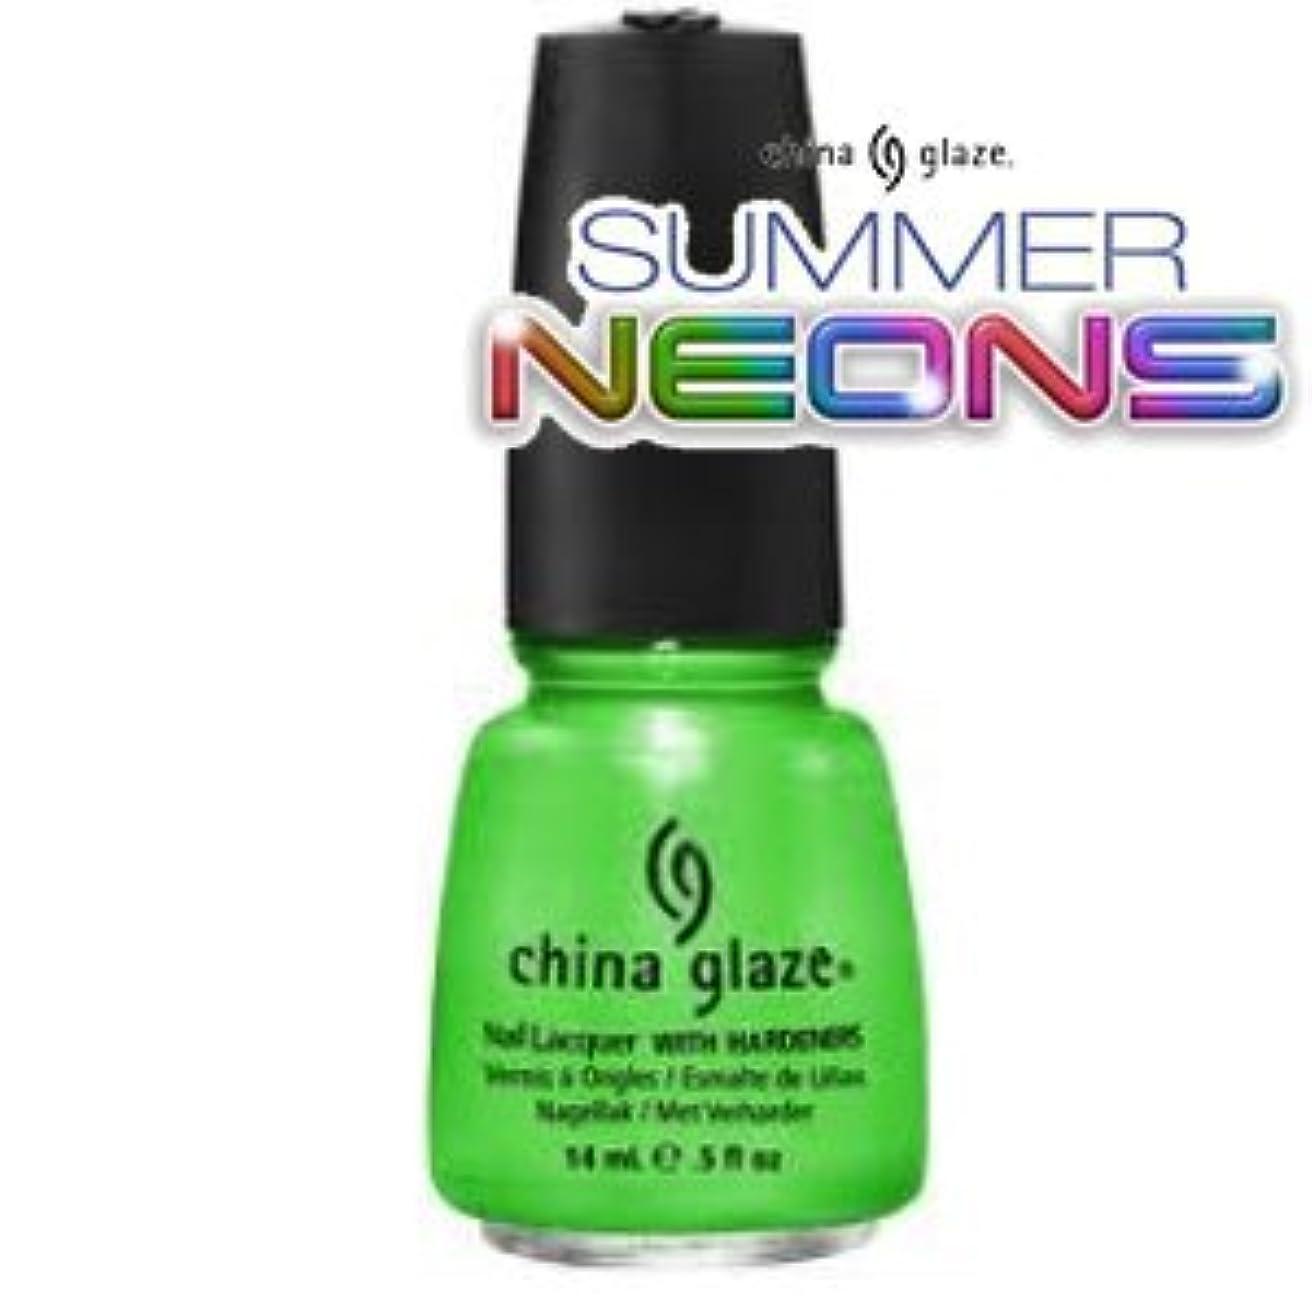 噂航海和解する(チャイナグレイズ)China Glaze I'm With The Lifeguardーサマーネオン コレクション [海外直送品][並行輸入品]